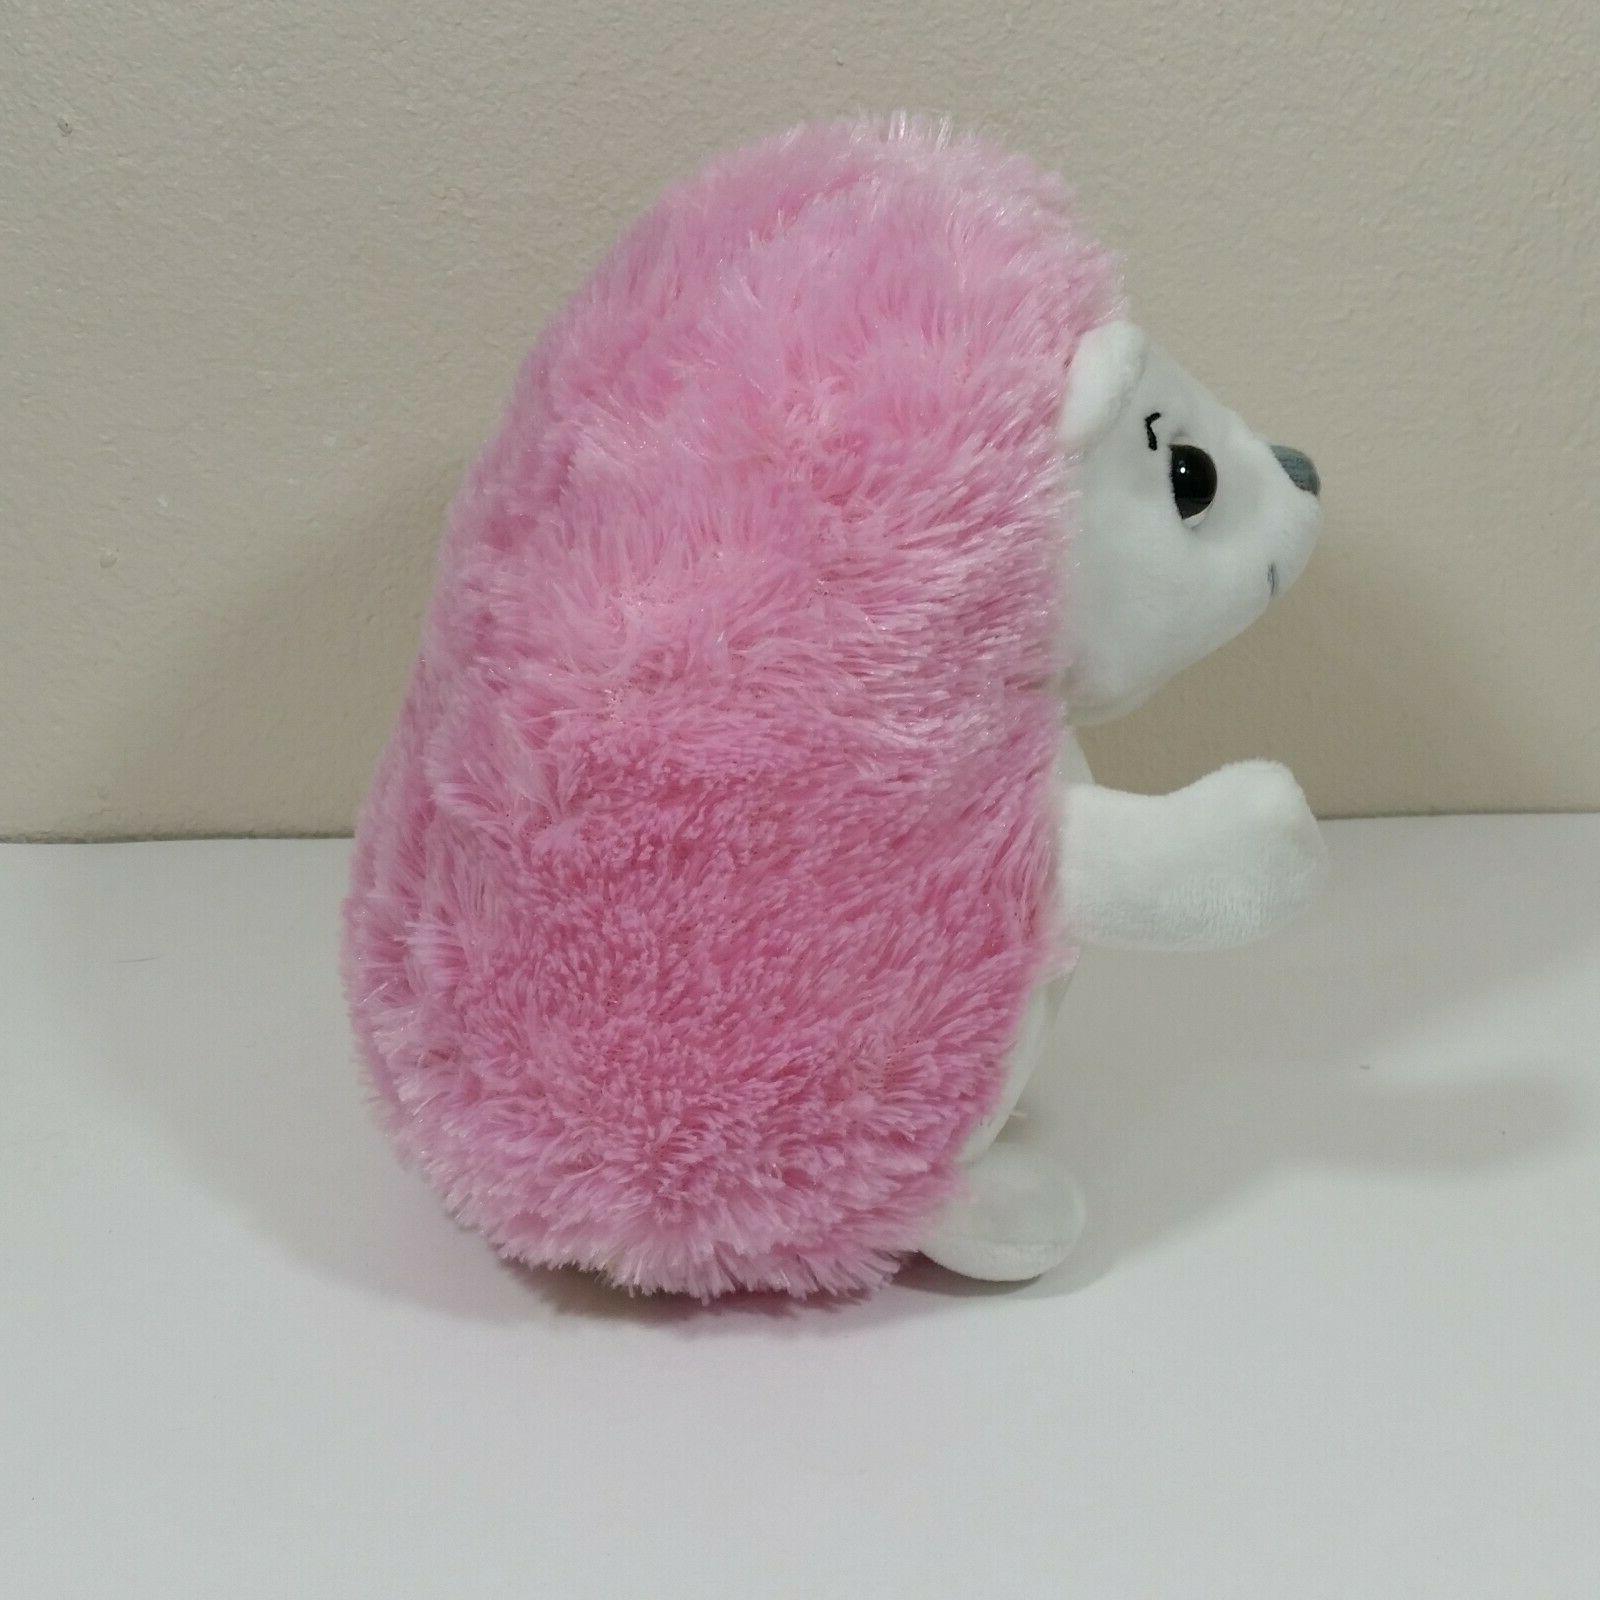 Demdaco Nat & Hedgehog 8 inch Plush Pink Toy